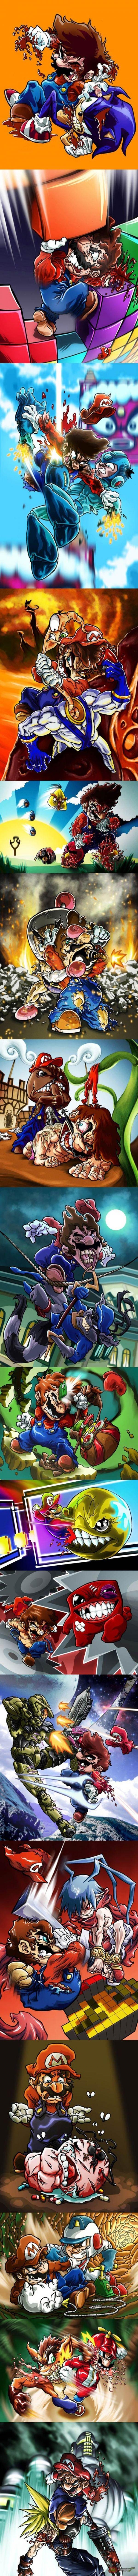 best jogos vídeo game images on pinterest videogames character